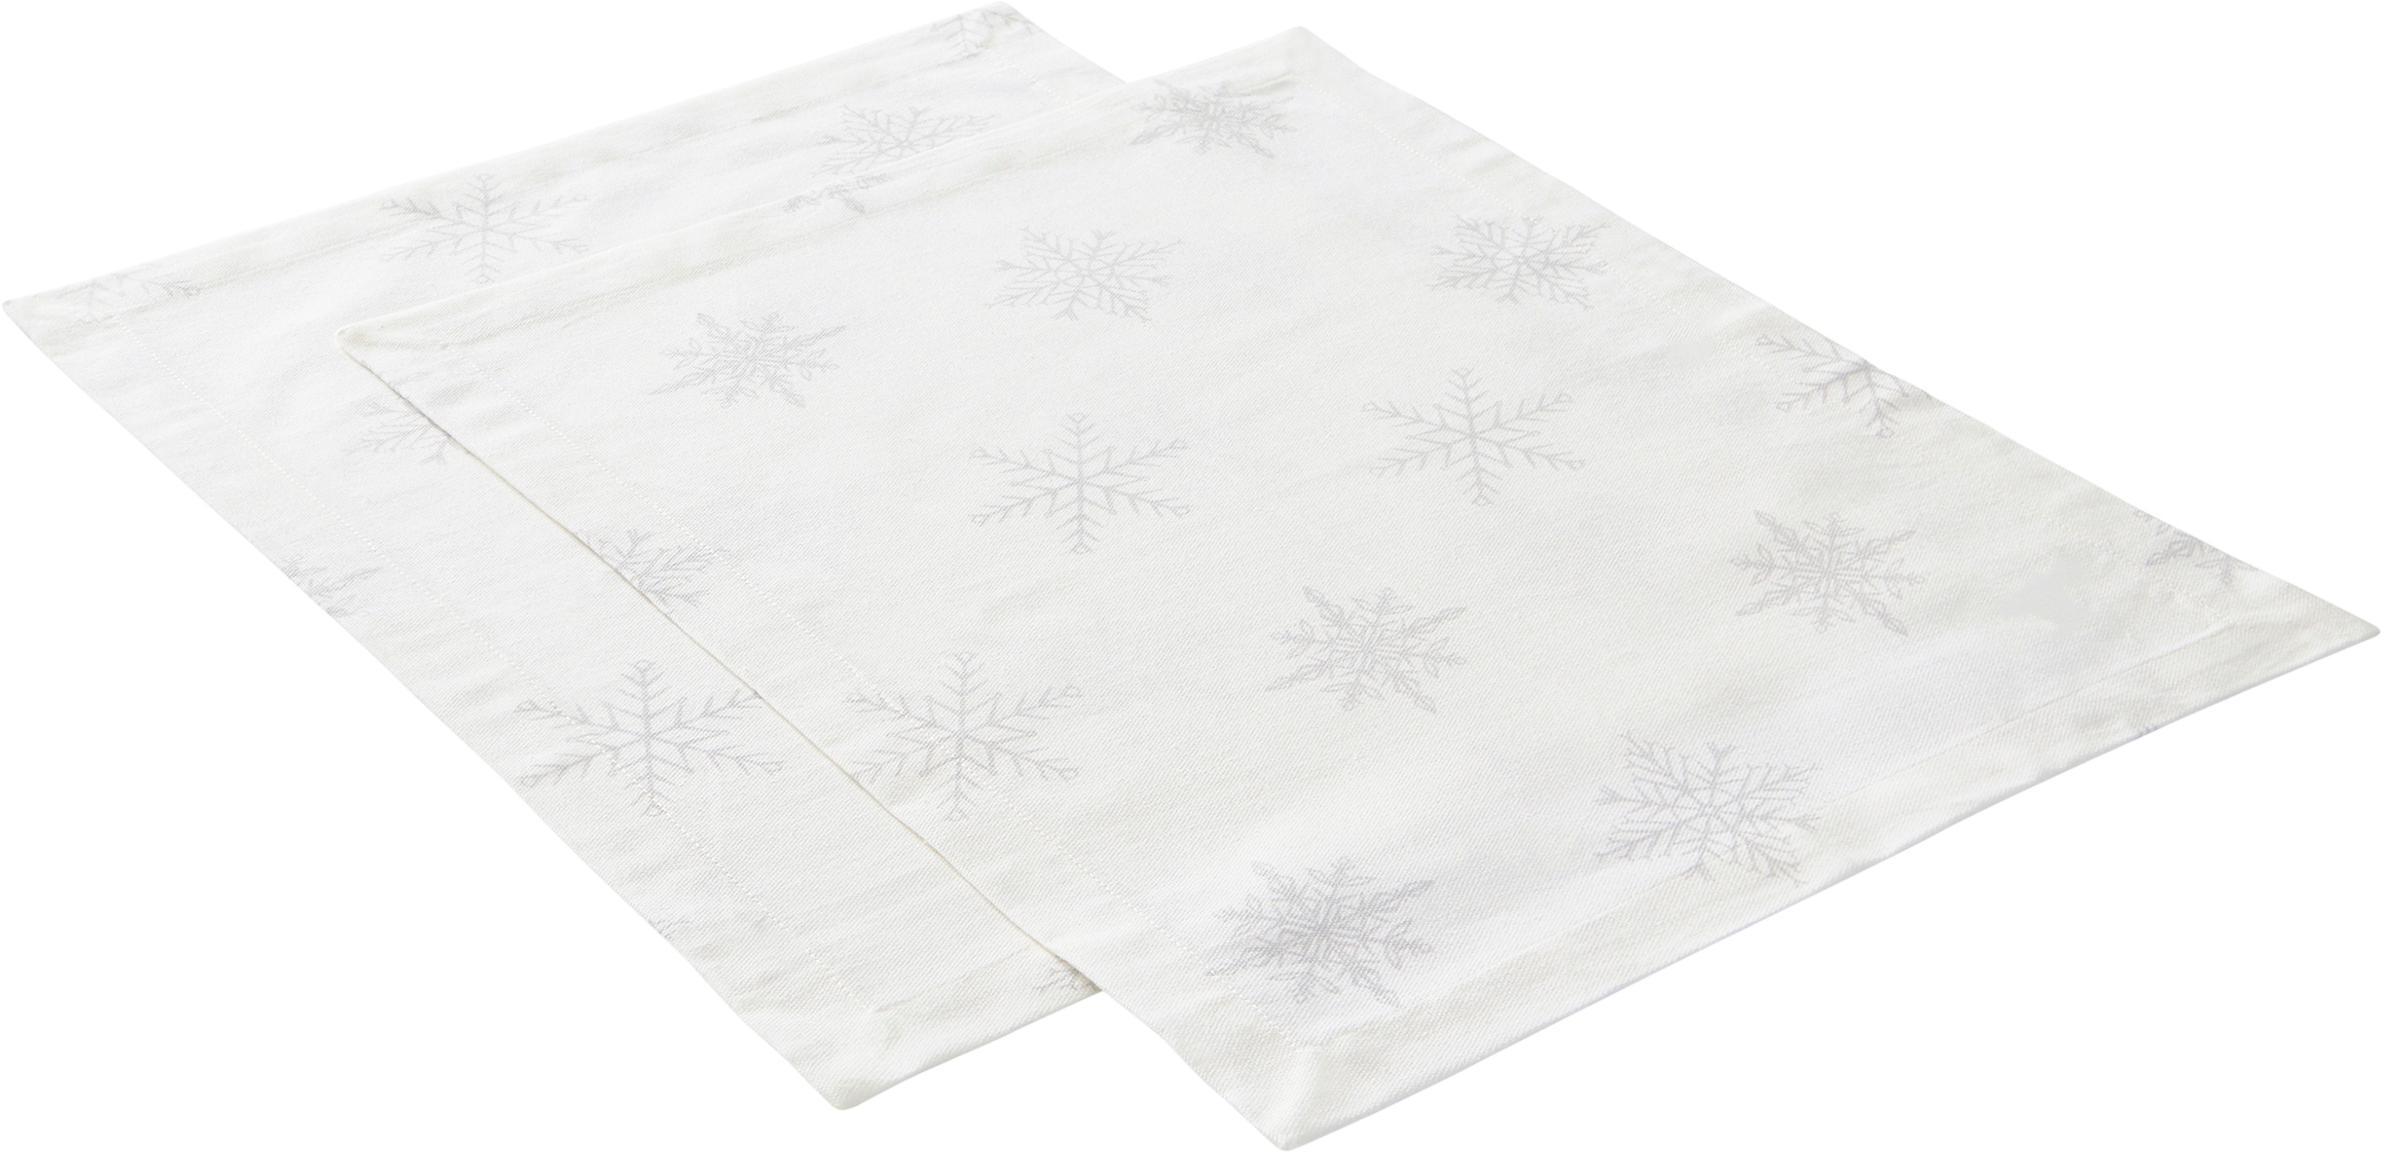 Tovaglietta Snow 2 pz, 100% cotone da coltivazione sostenibile, Bianco crema, grigio chiaro, Larg. 35 x Lung. 45 cm